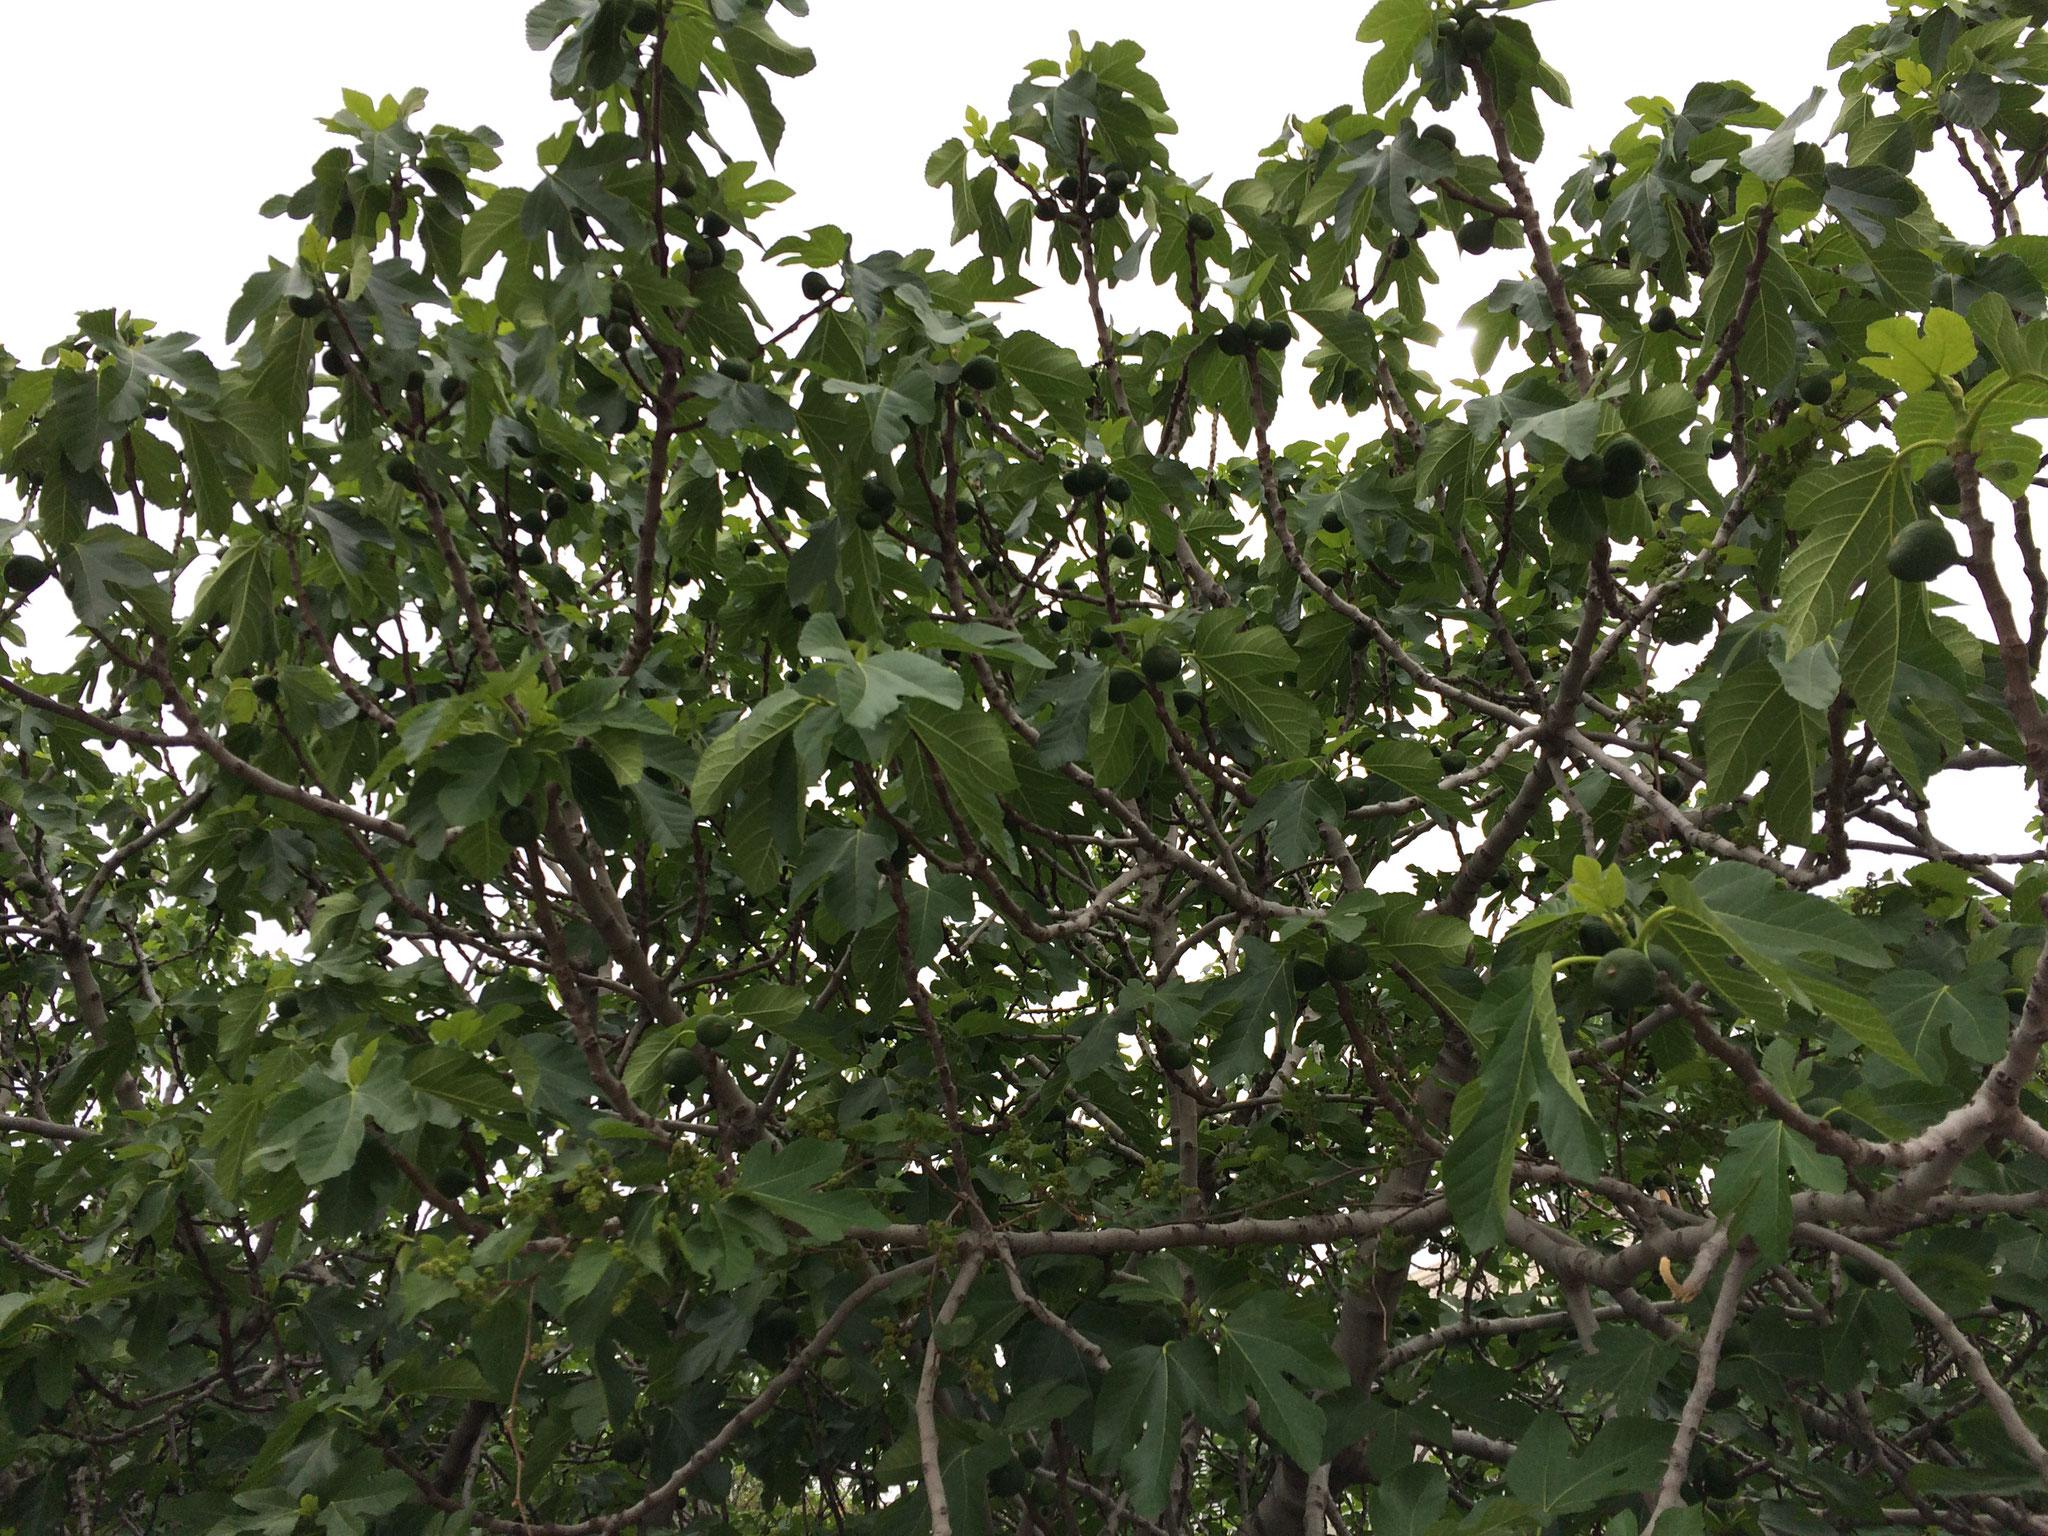 Riesige Feigenbäume wachsen dort wild und überall.